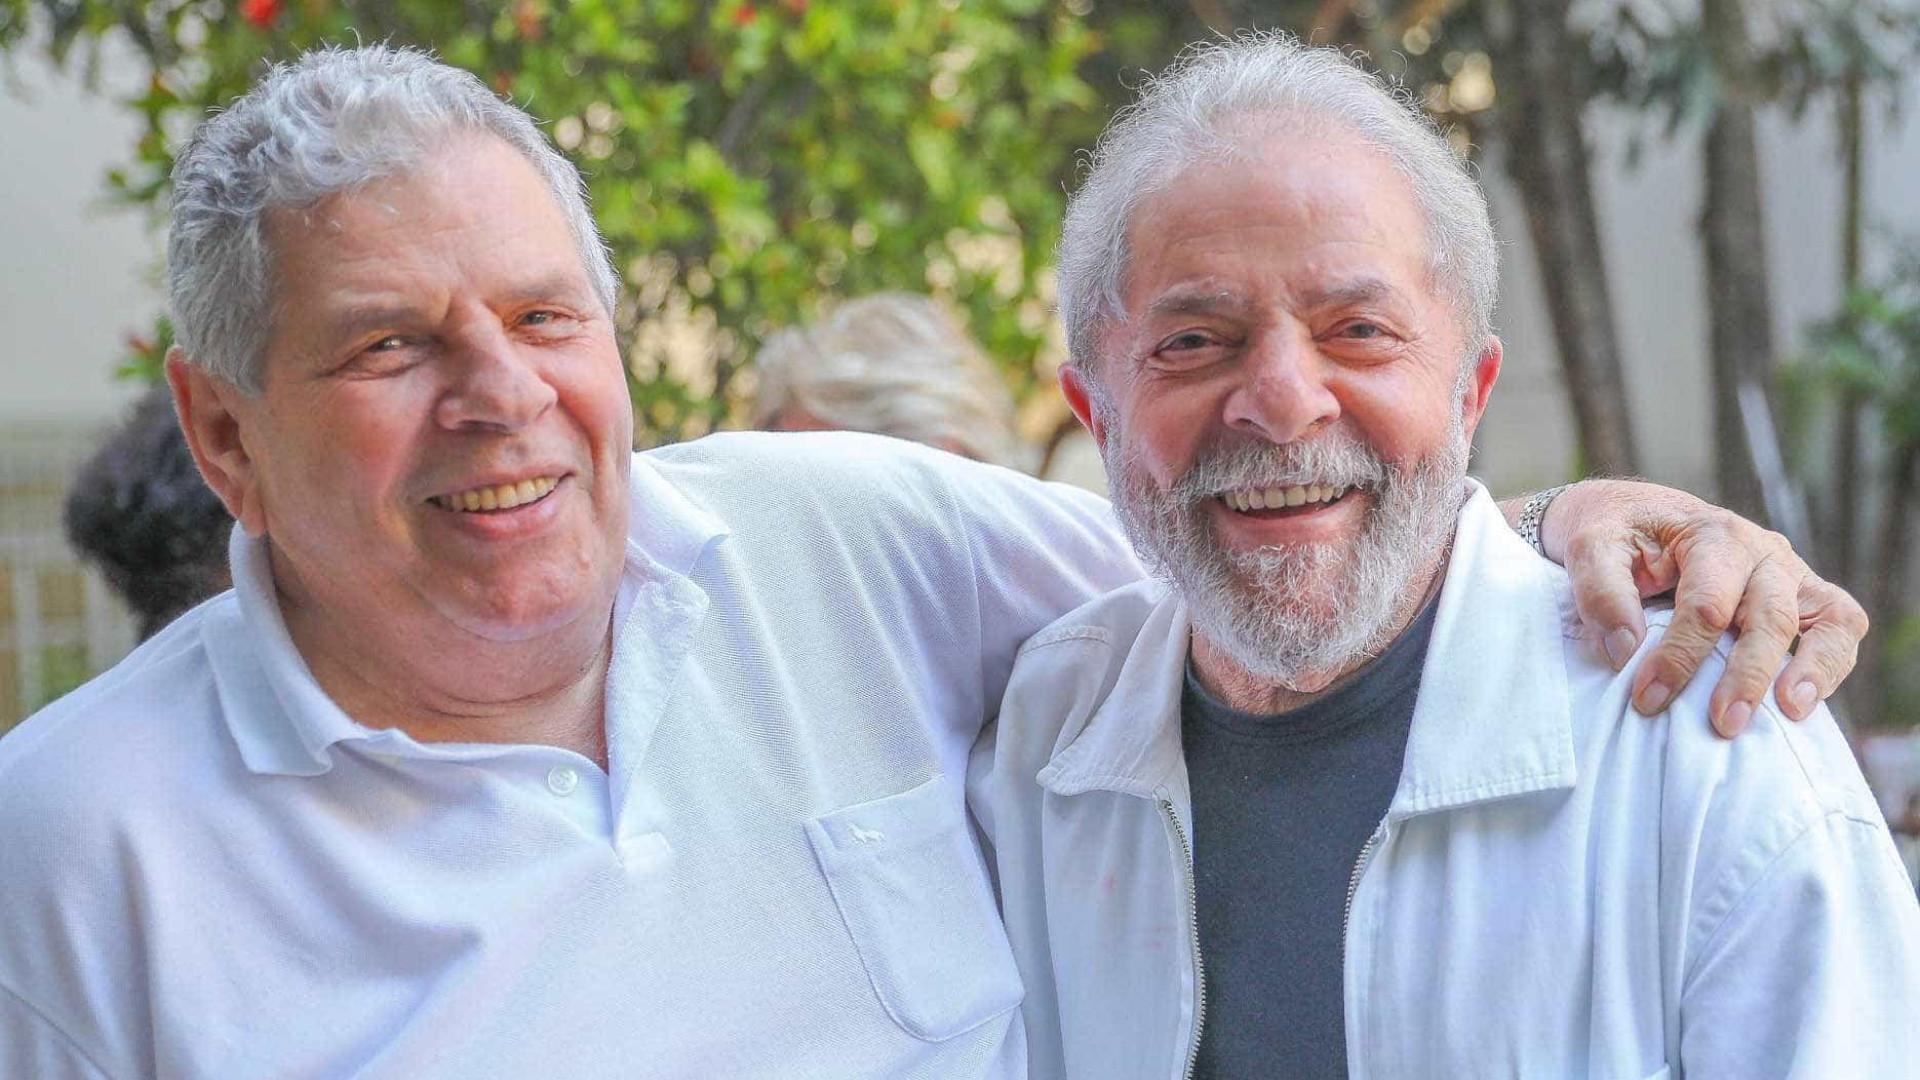 Conselheiro do MP diz que 'sentiu vergonha' por negativas a Lula